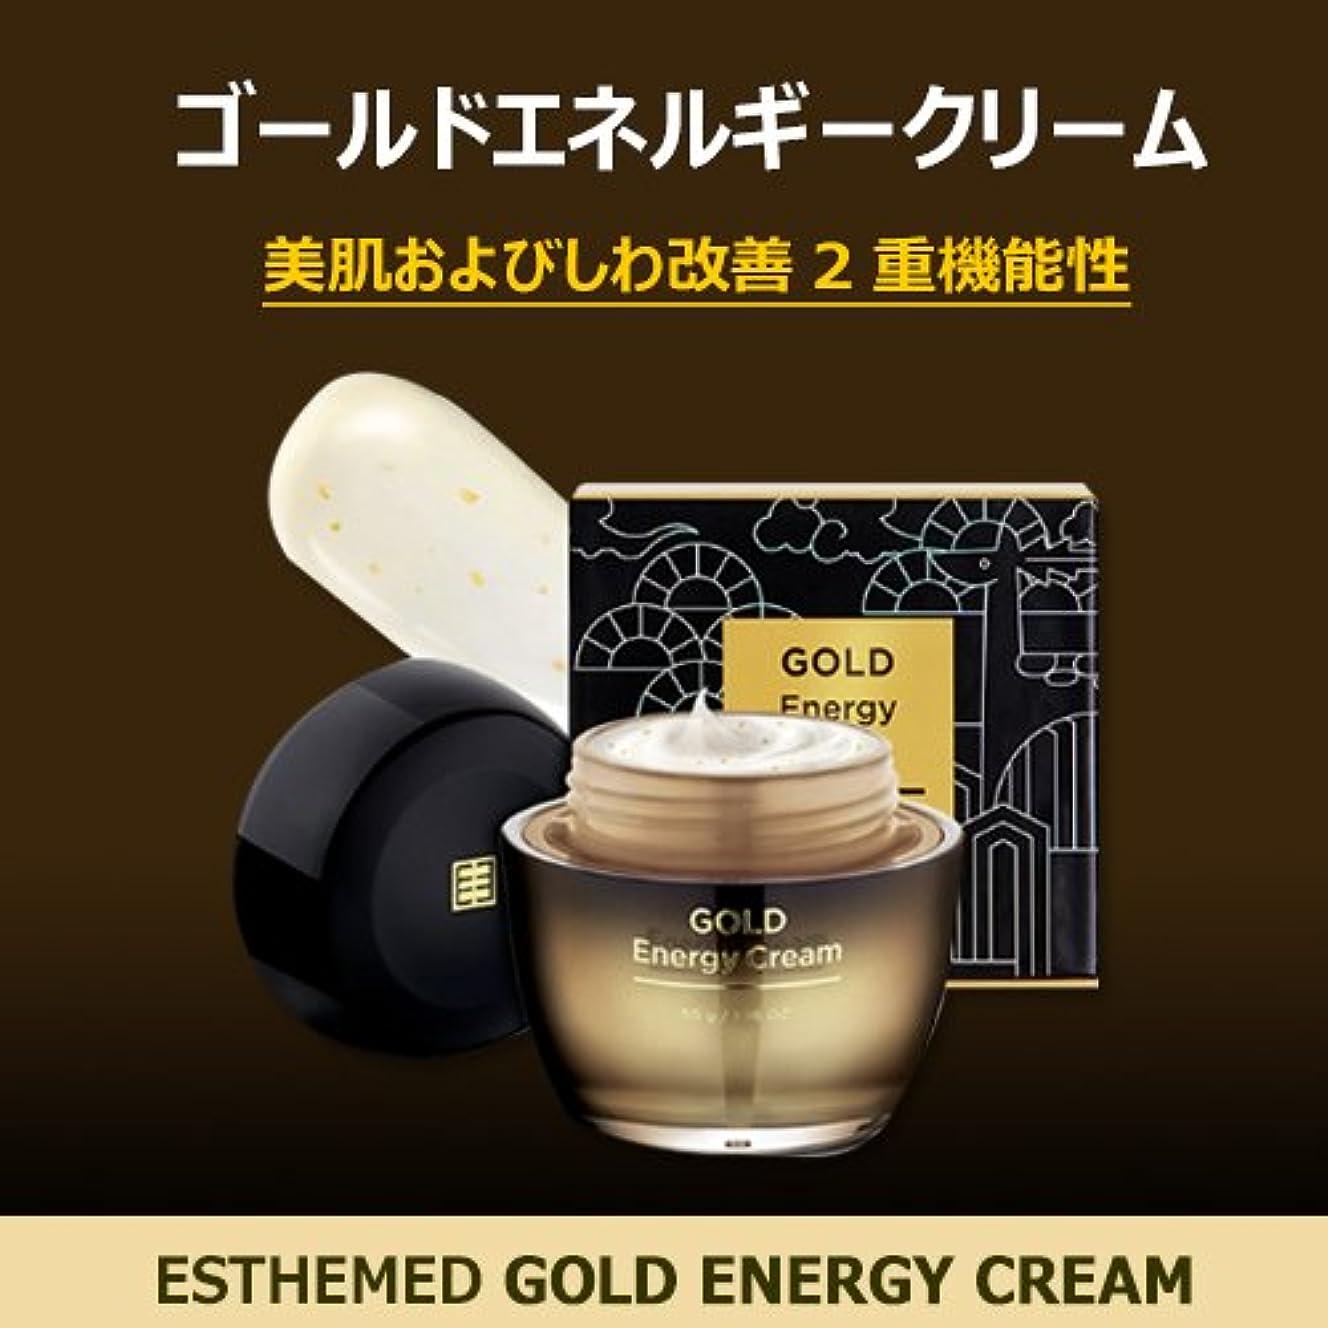 飢饉ペイントの面ではESTHEMED エステメド ゴールド エネルギー クリーム GOLD Energy Cream 50g 【 シワ改善 美肌 保湿 回復 韓国コスメ 】